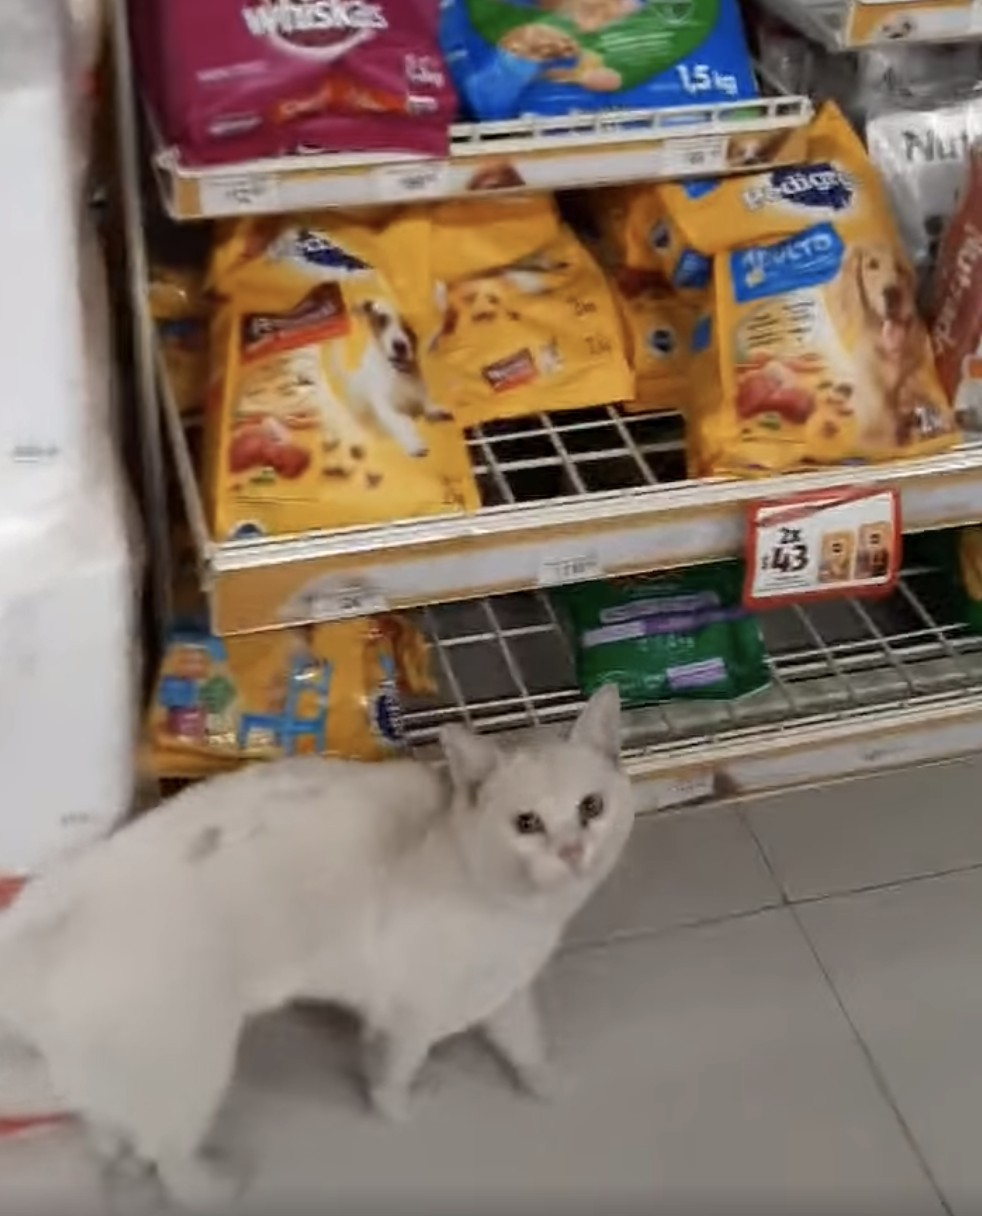 影/善良女心疼「流浪貓餓肚子」幫買貓糧才驚覺根本在被搶!